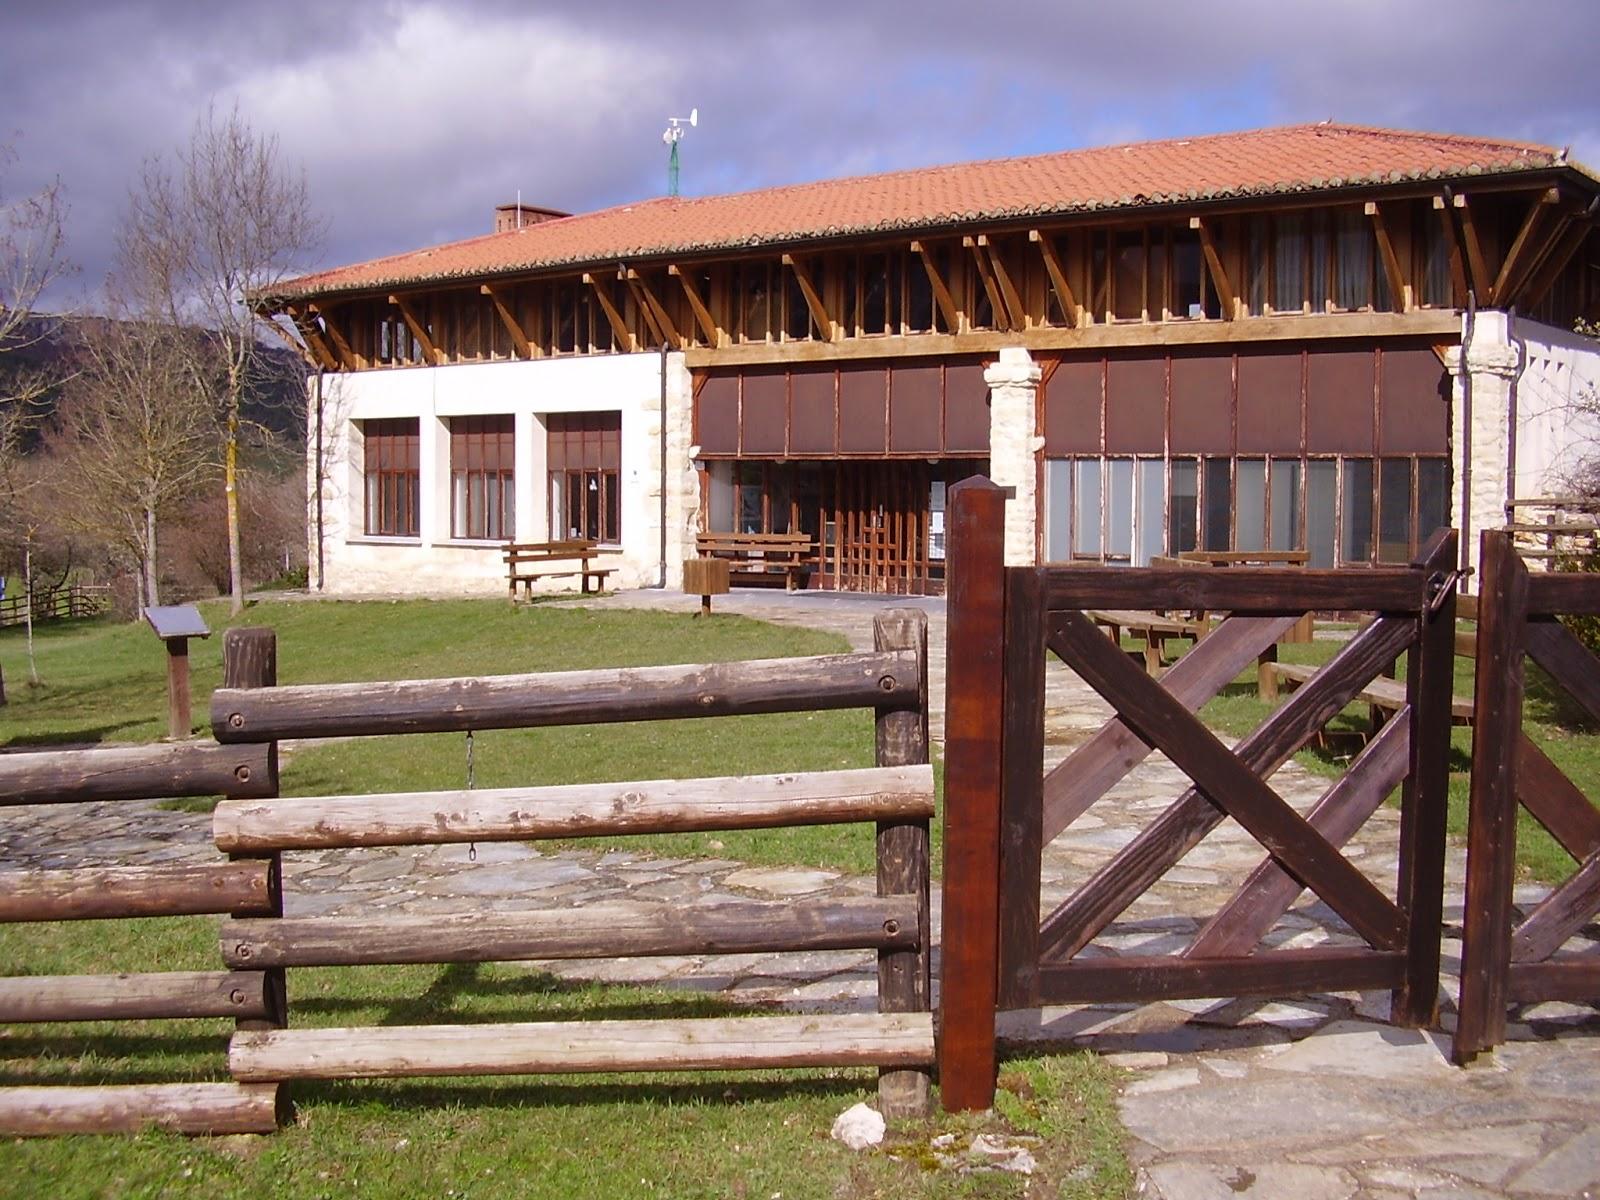 Anetismo parque natural de valderejo 949 - La casa del parque ...